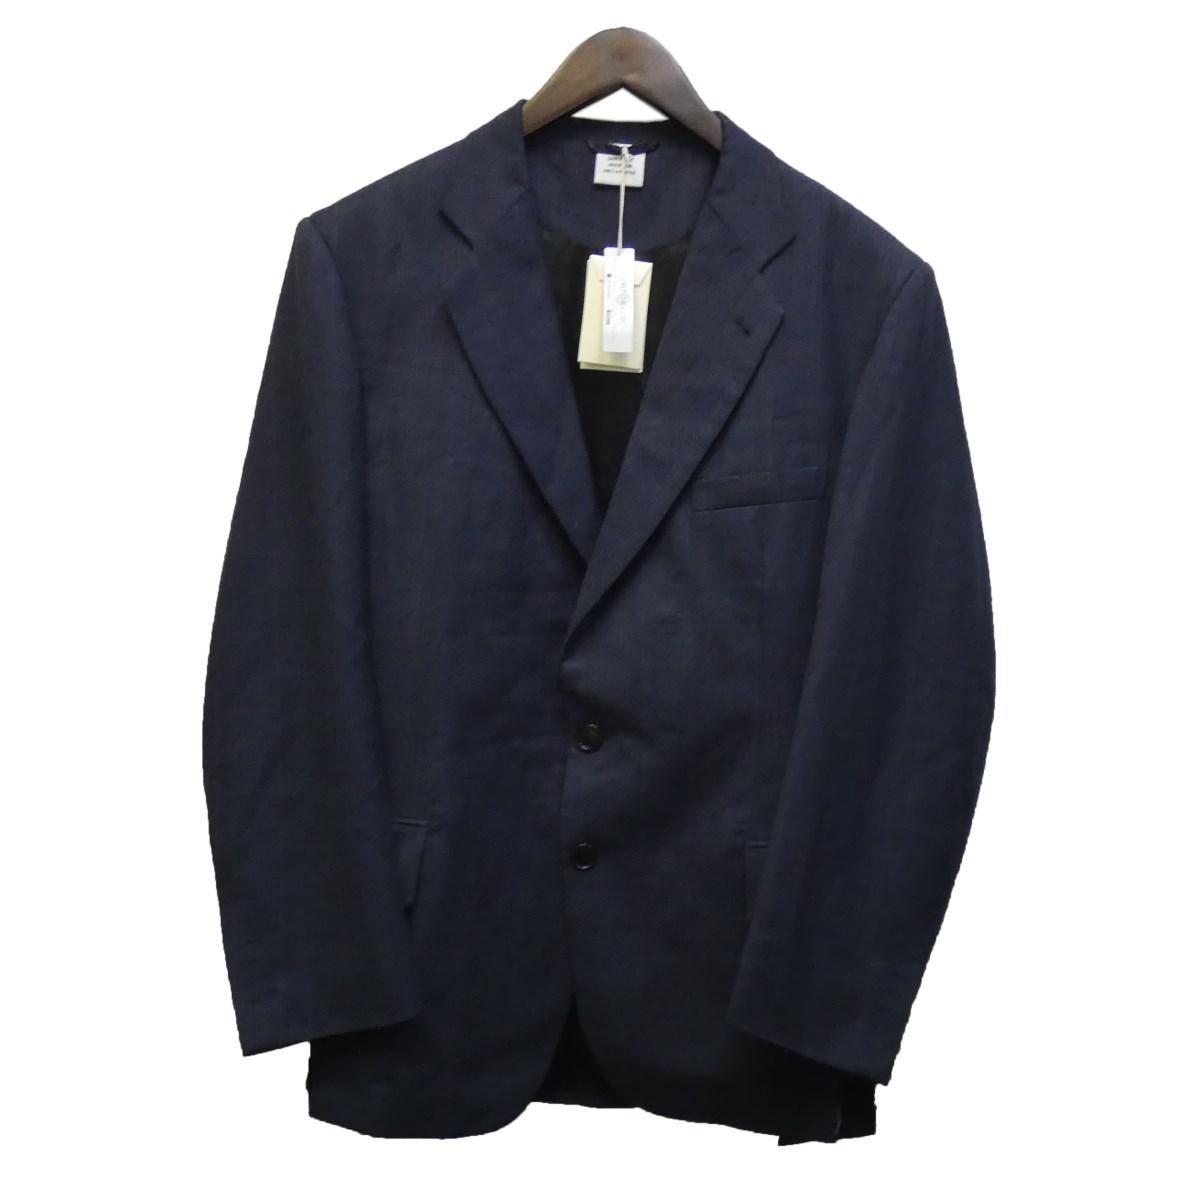 【中古】VETEMENTS20SS 「Cut-out Jacket」カットアウトテーラードジャケット ネイビーチェック サイズ:S 【7月2日見直し】